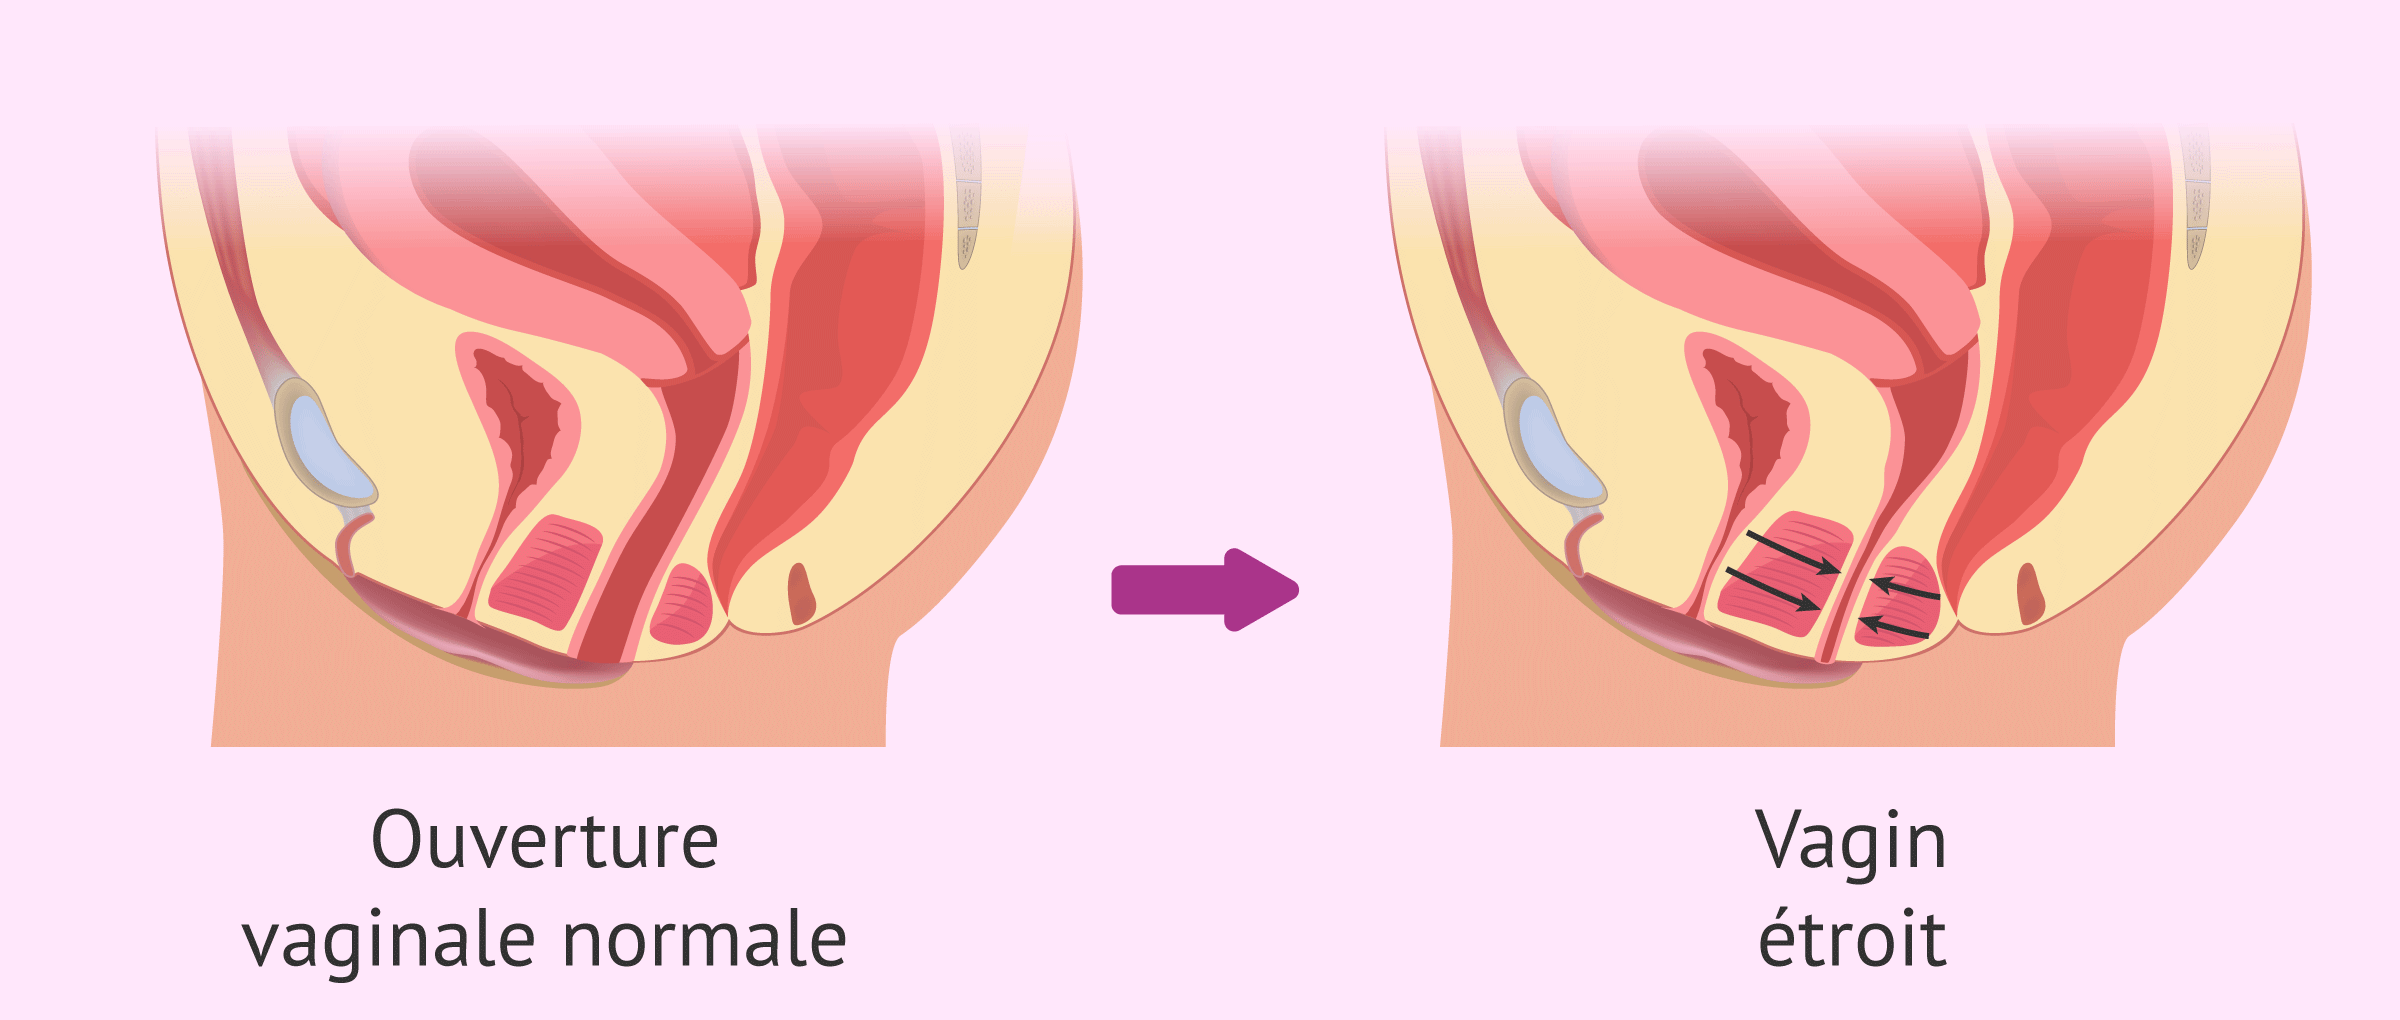 Comparaison entre un vagin normal et un vagin étroit